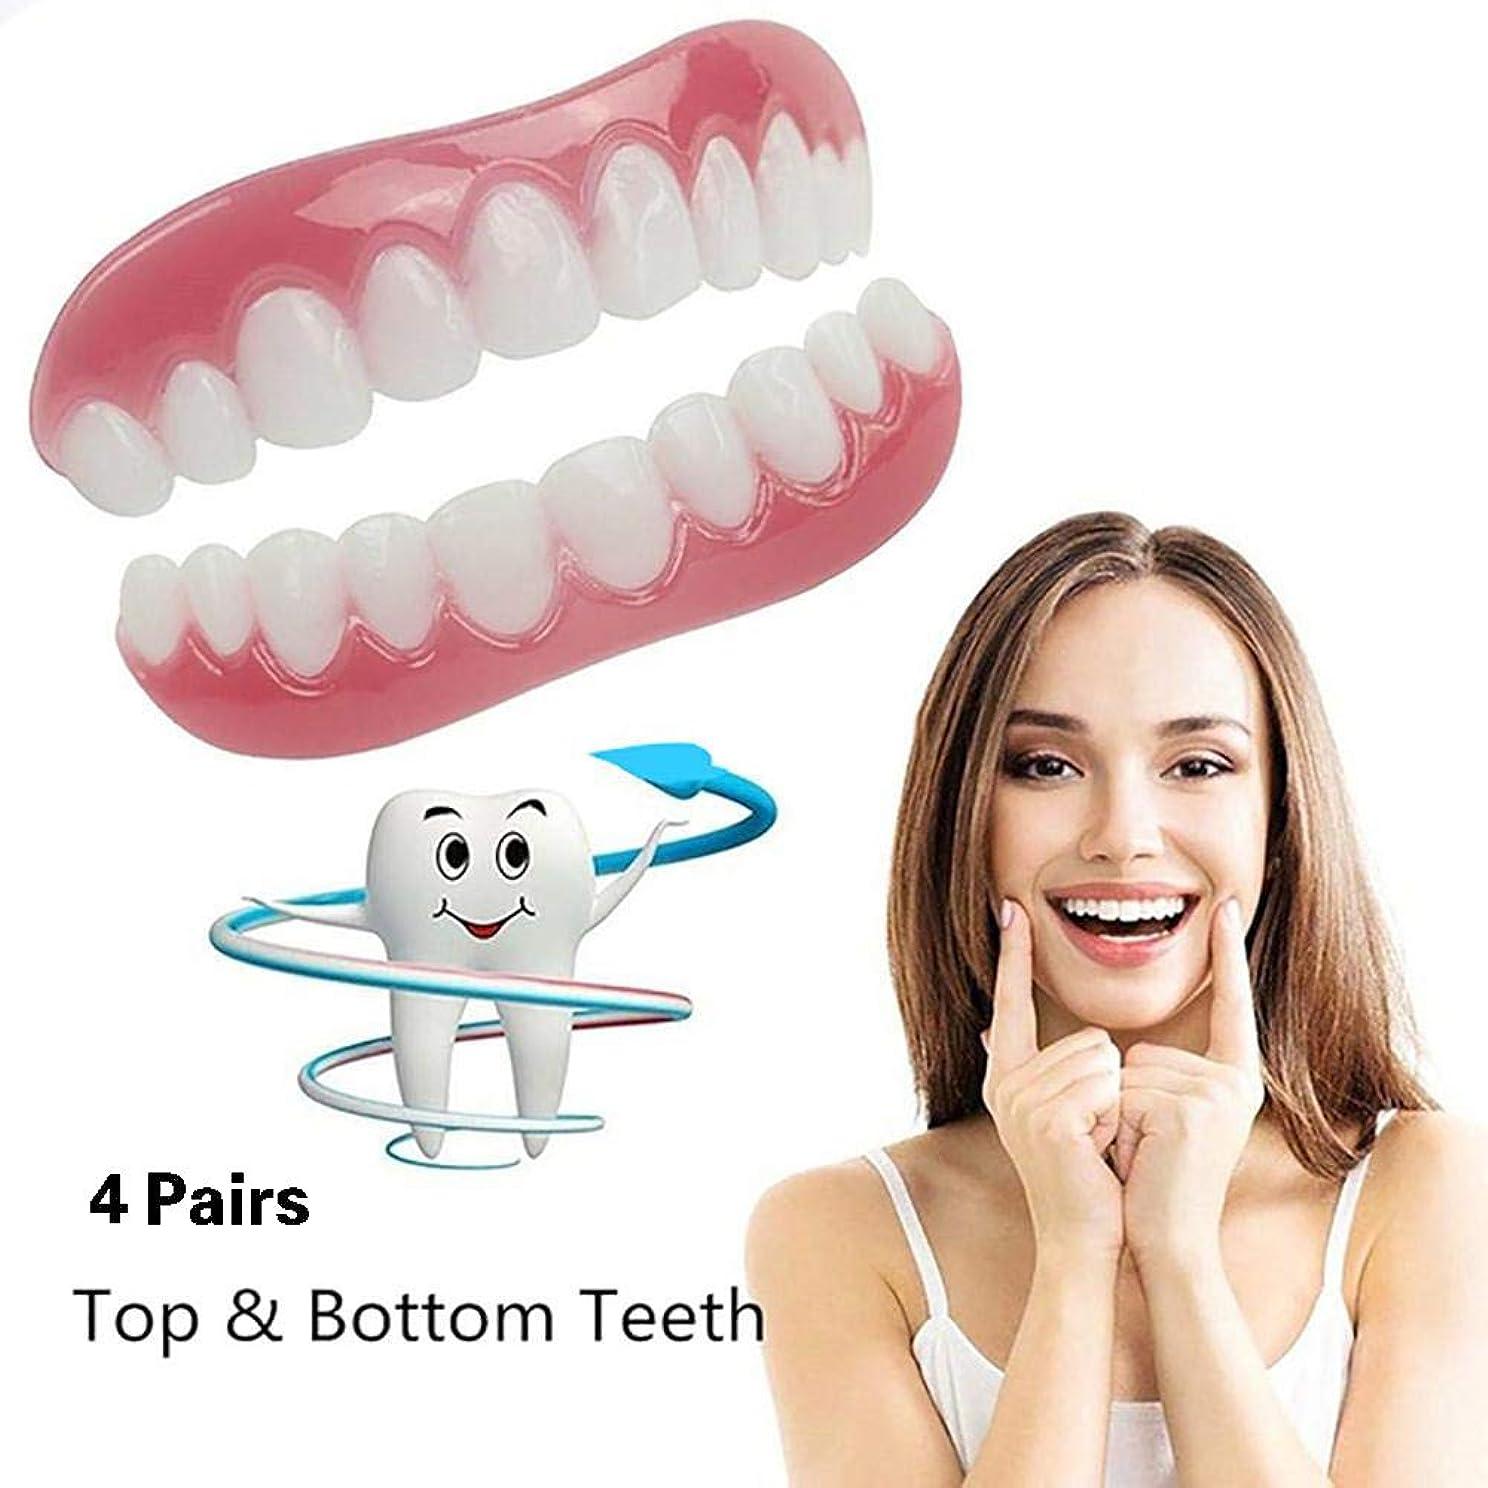 杭マネージャー長いです8本のシリコーンの歯のベニヤ化粧品の歯のスナップのしっかりした上部の低い屈曲の歯科ベニヤ義歯の心配を白くする完全な歯